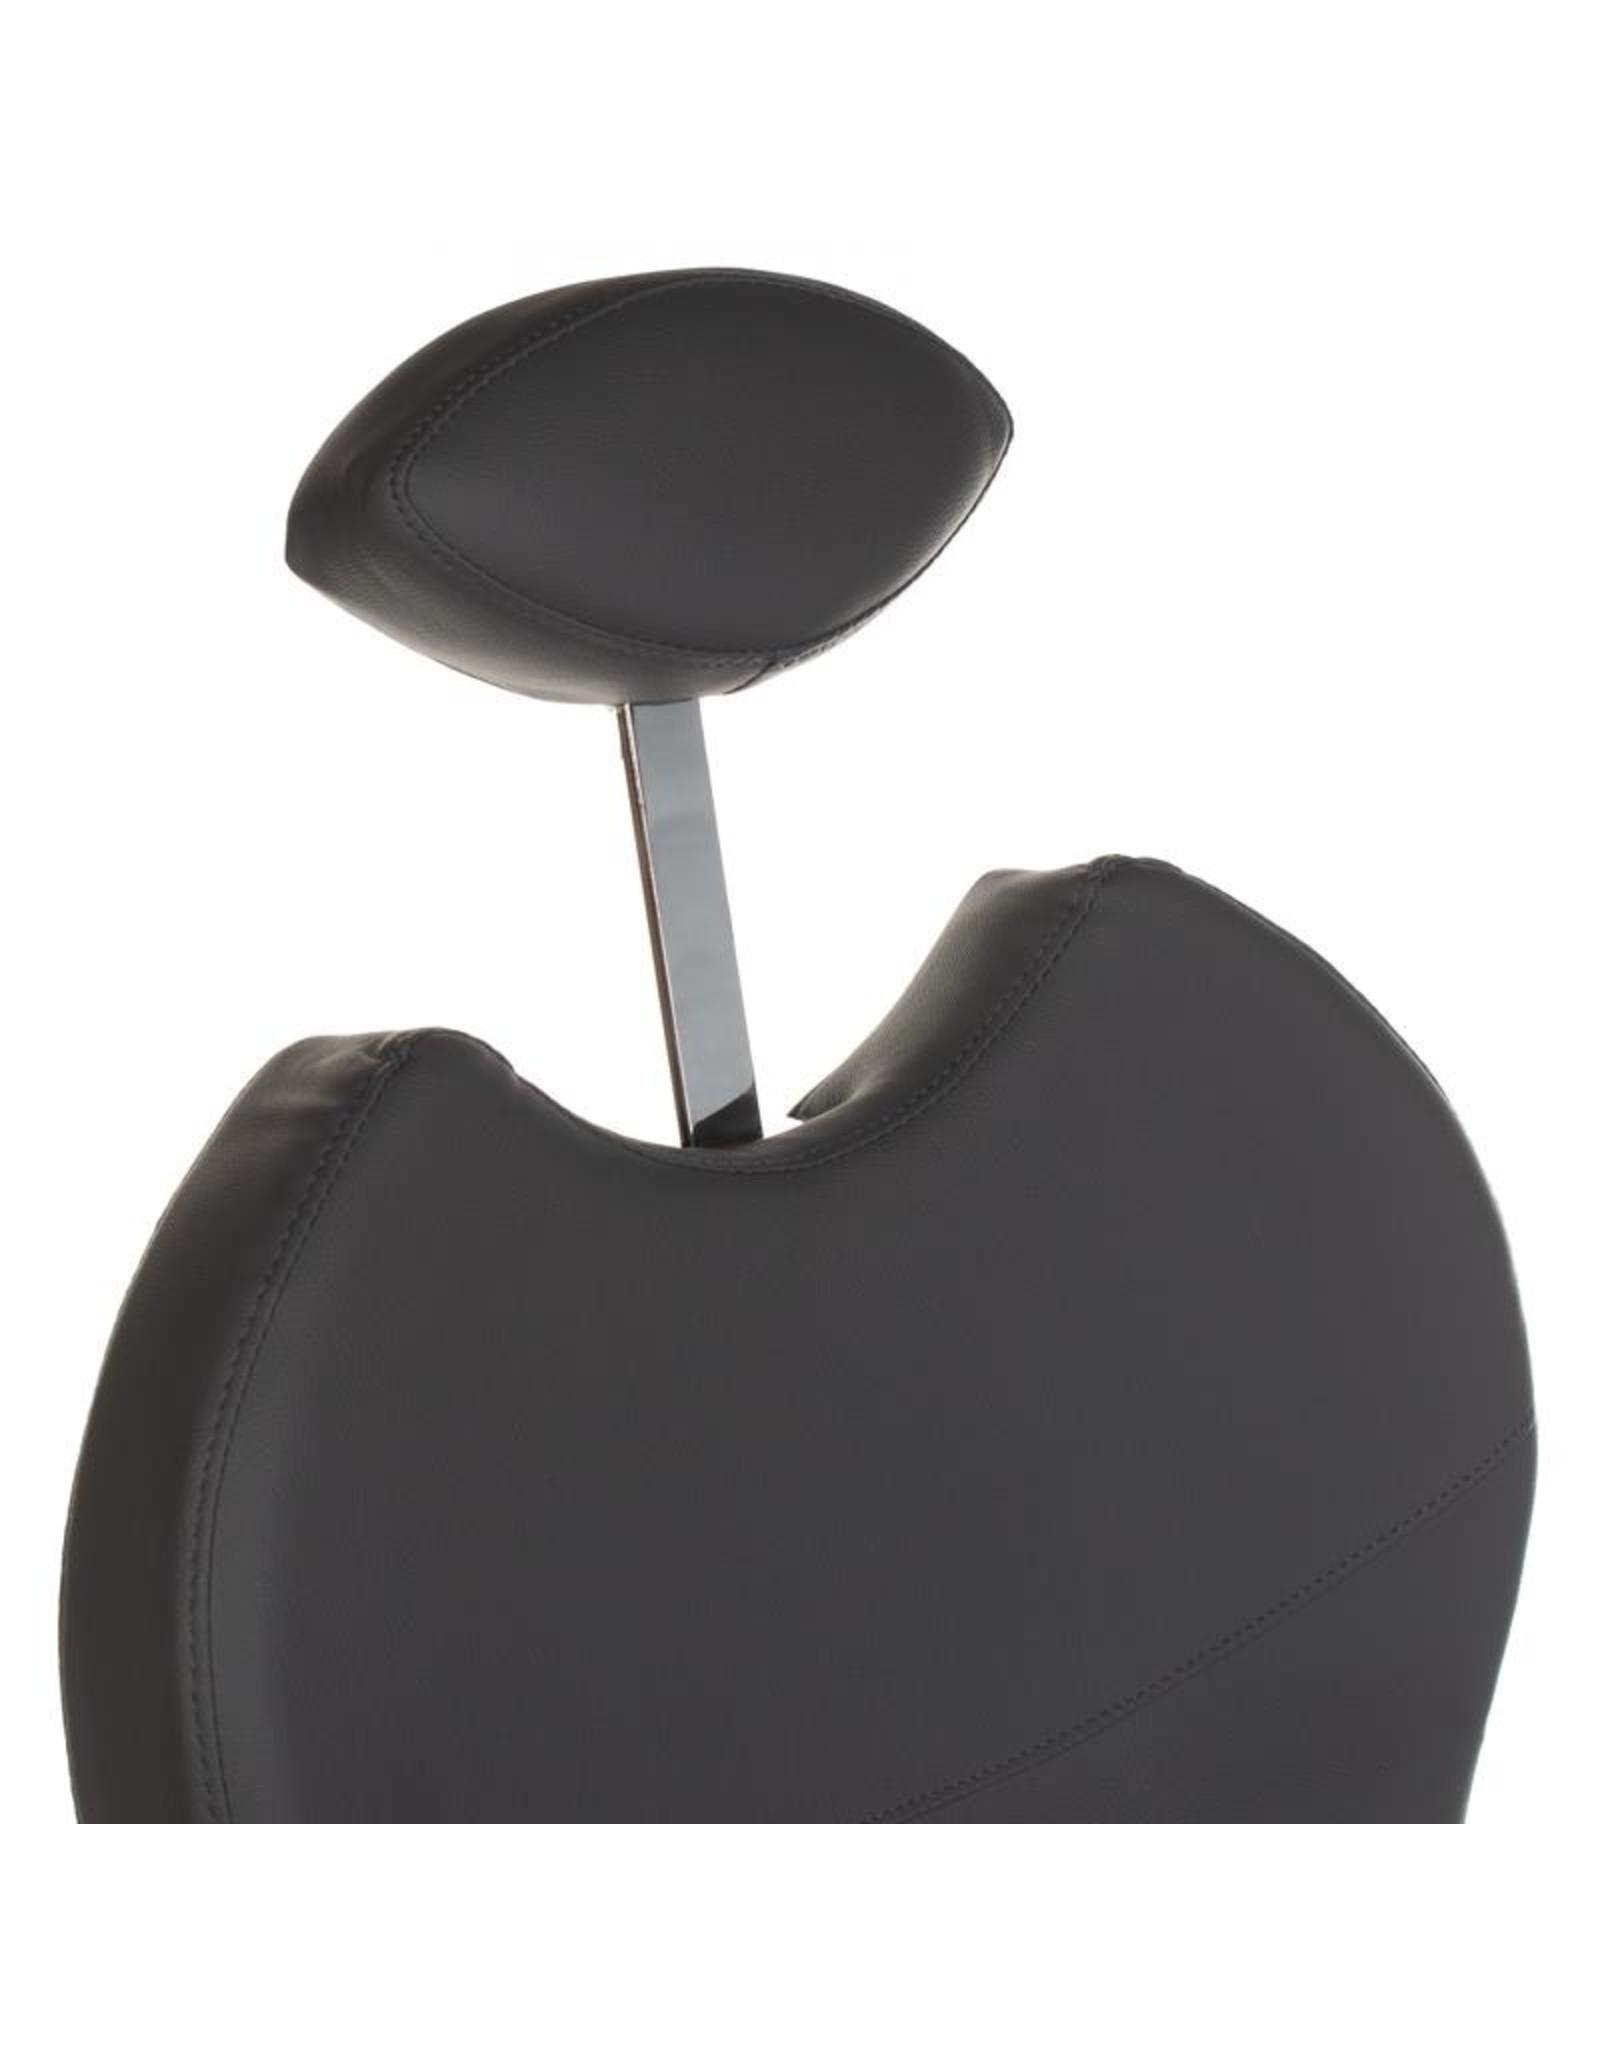 Merkloos Pedicurestoel incl. voetenbad Donker grijs (instelbaar in de gewenste stand)